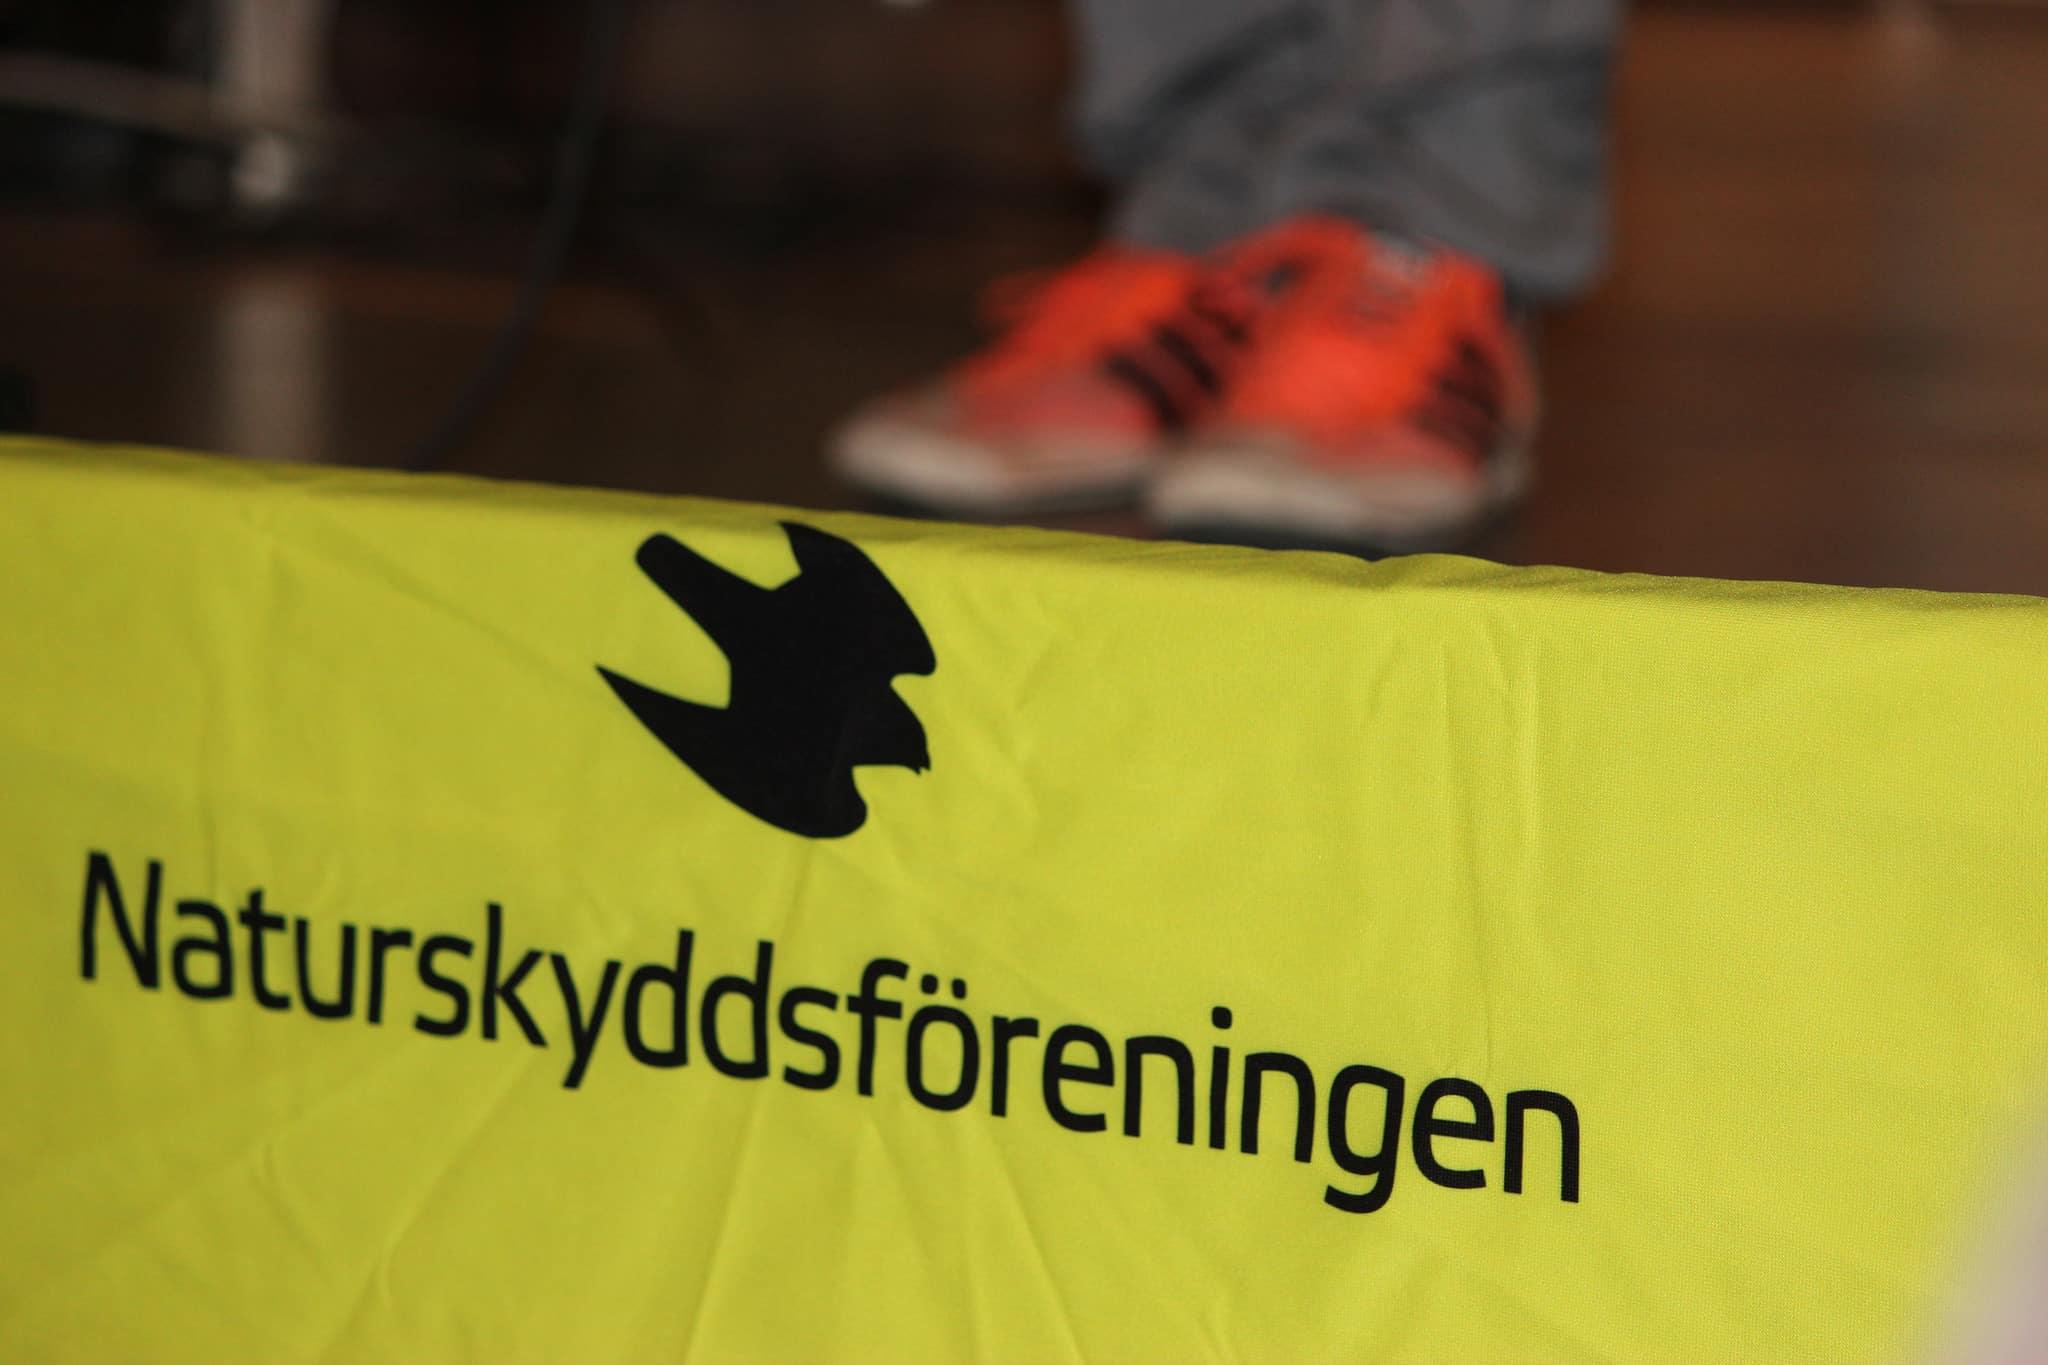 Naturskyddsföreningen har inte svenska folket bakom sig när man nu väljer att överklaga vargjakten igen, anser Mats S Johansson. Foto: Carl-Axel Fall